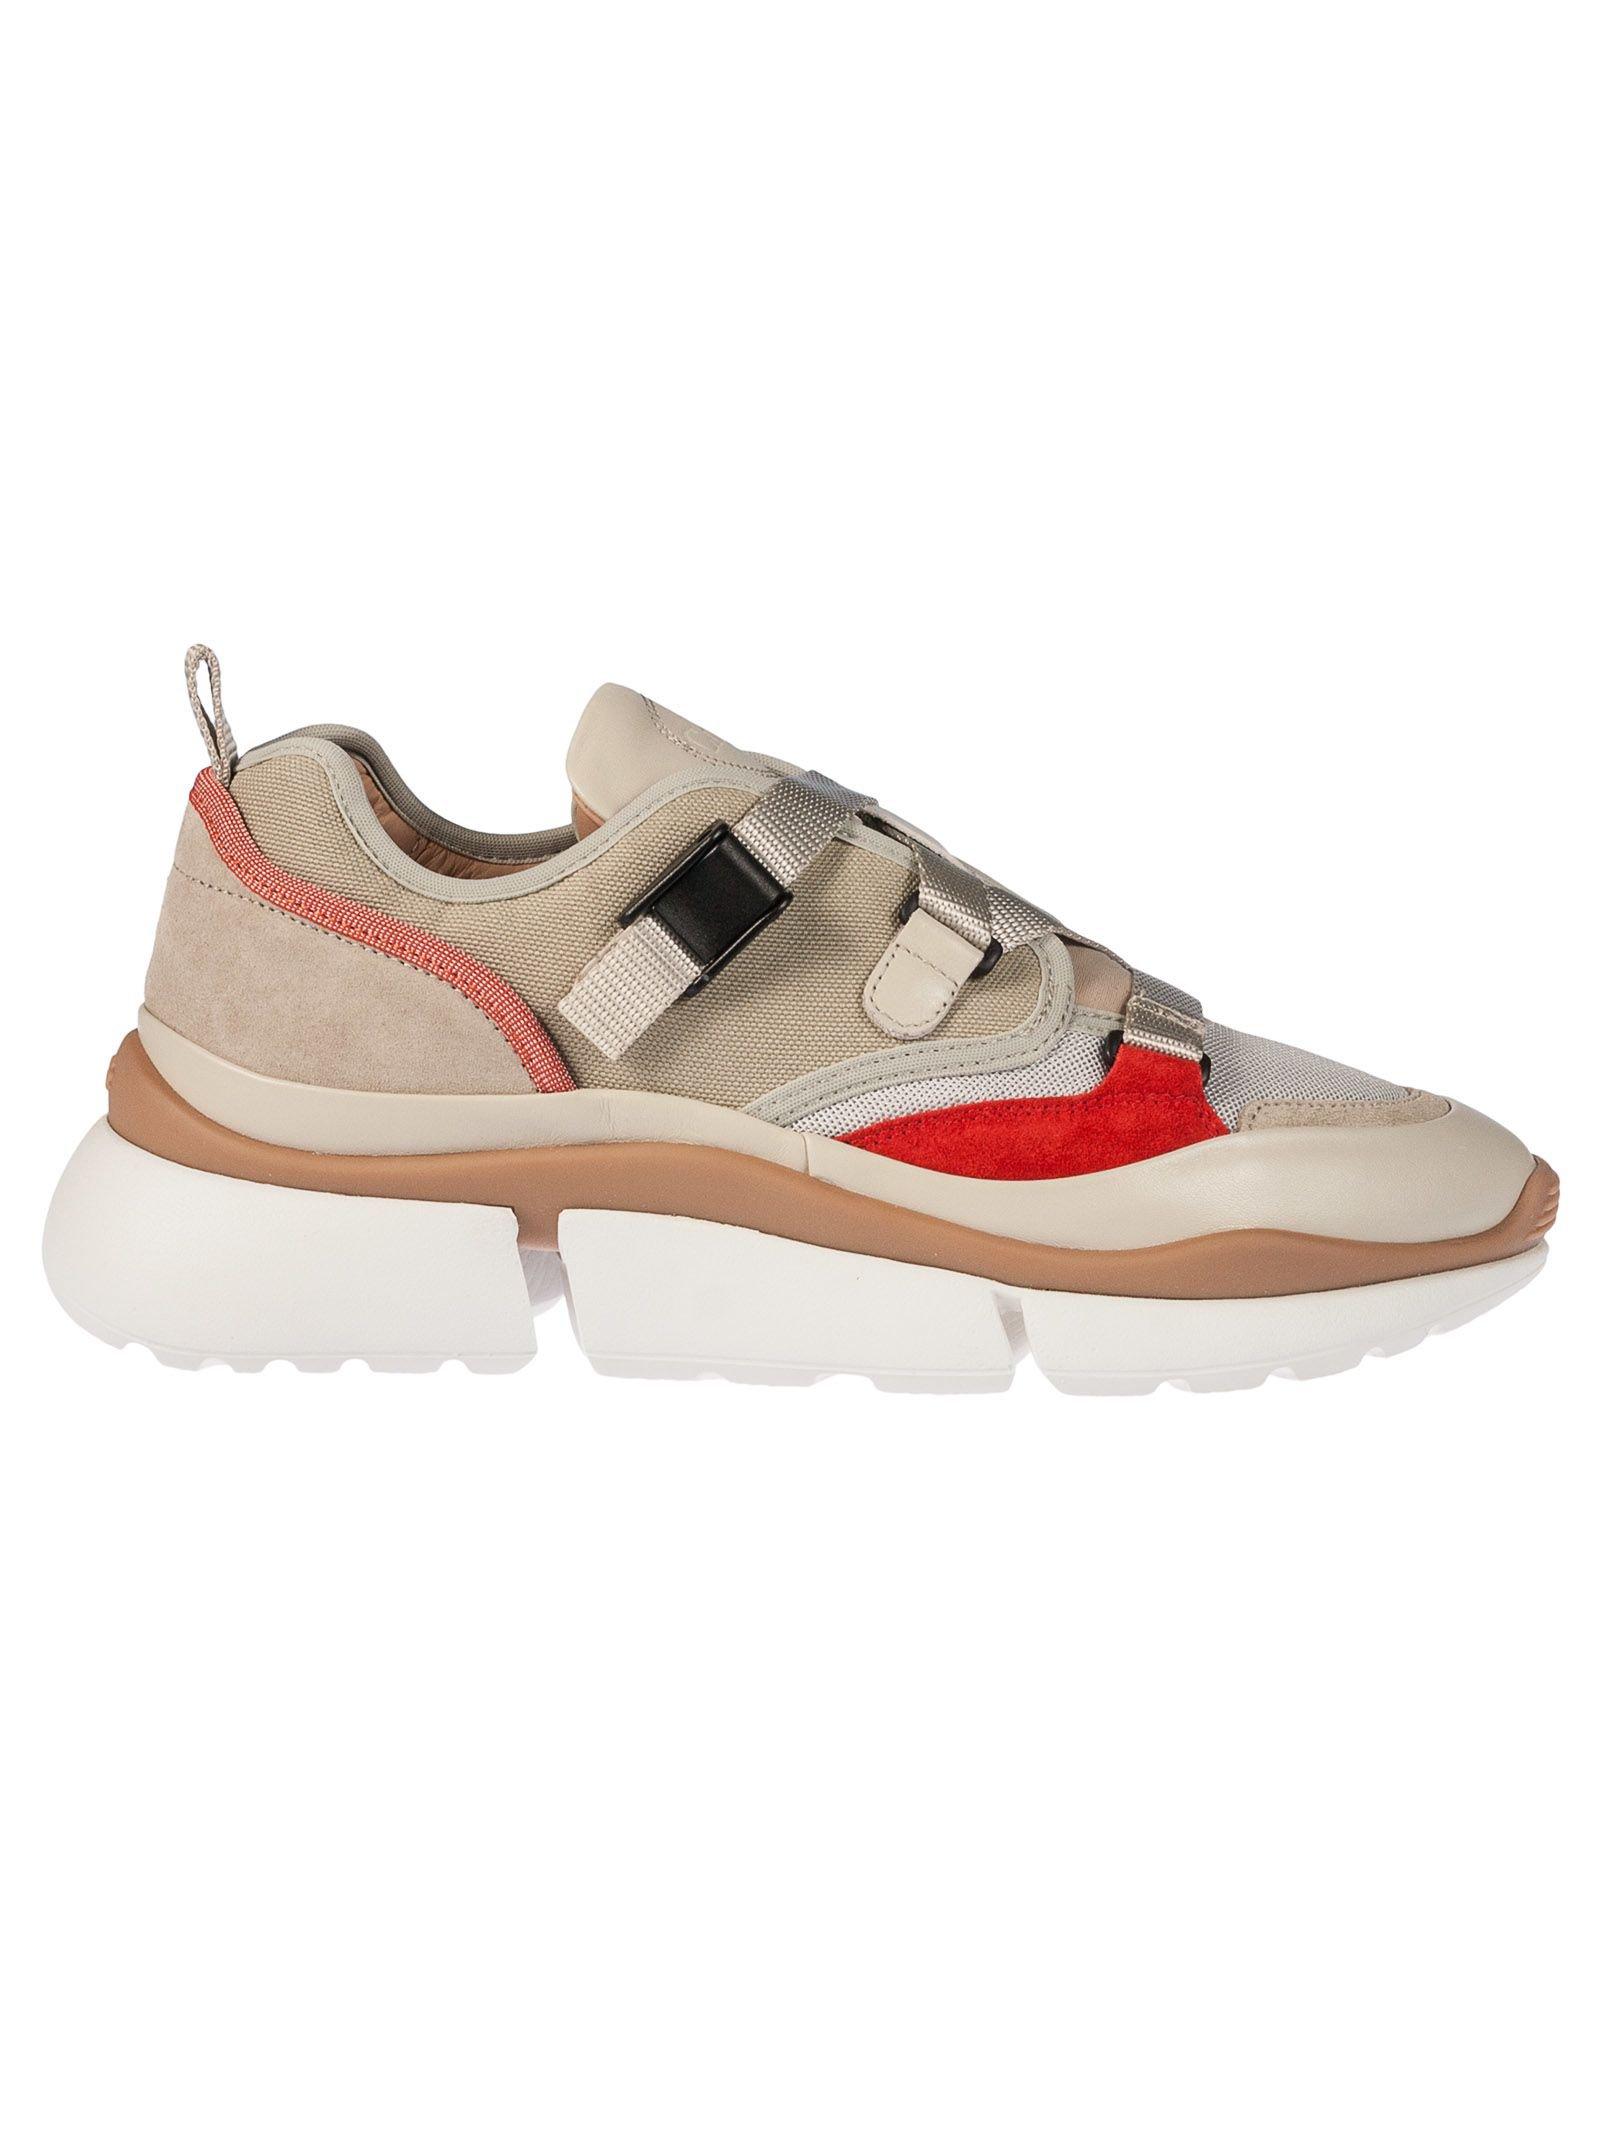 Chloé Running Western Sneakers